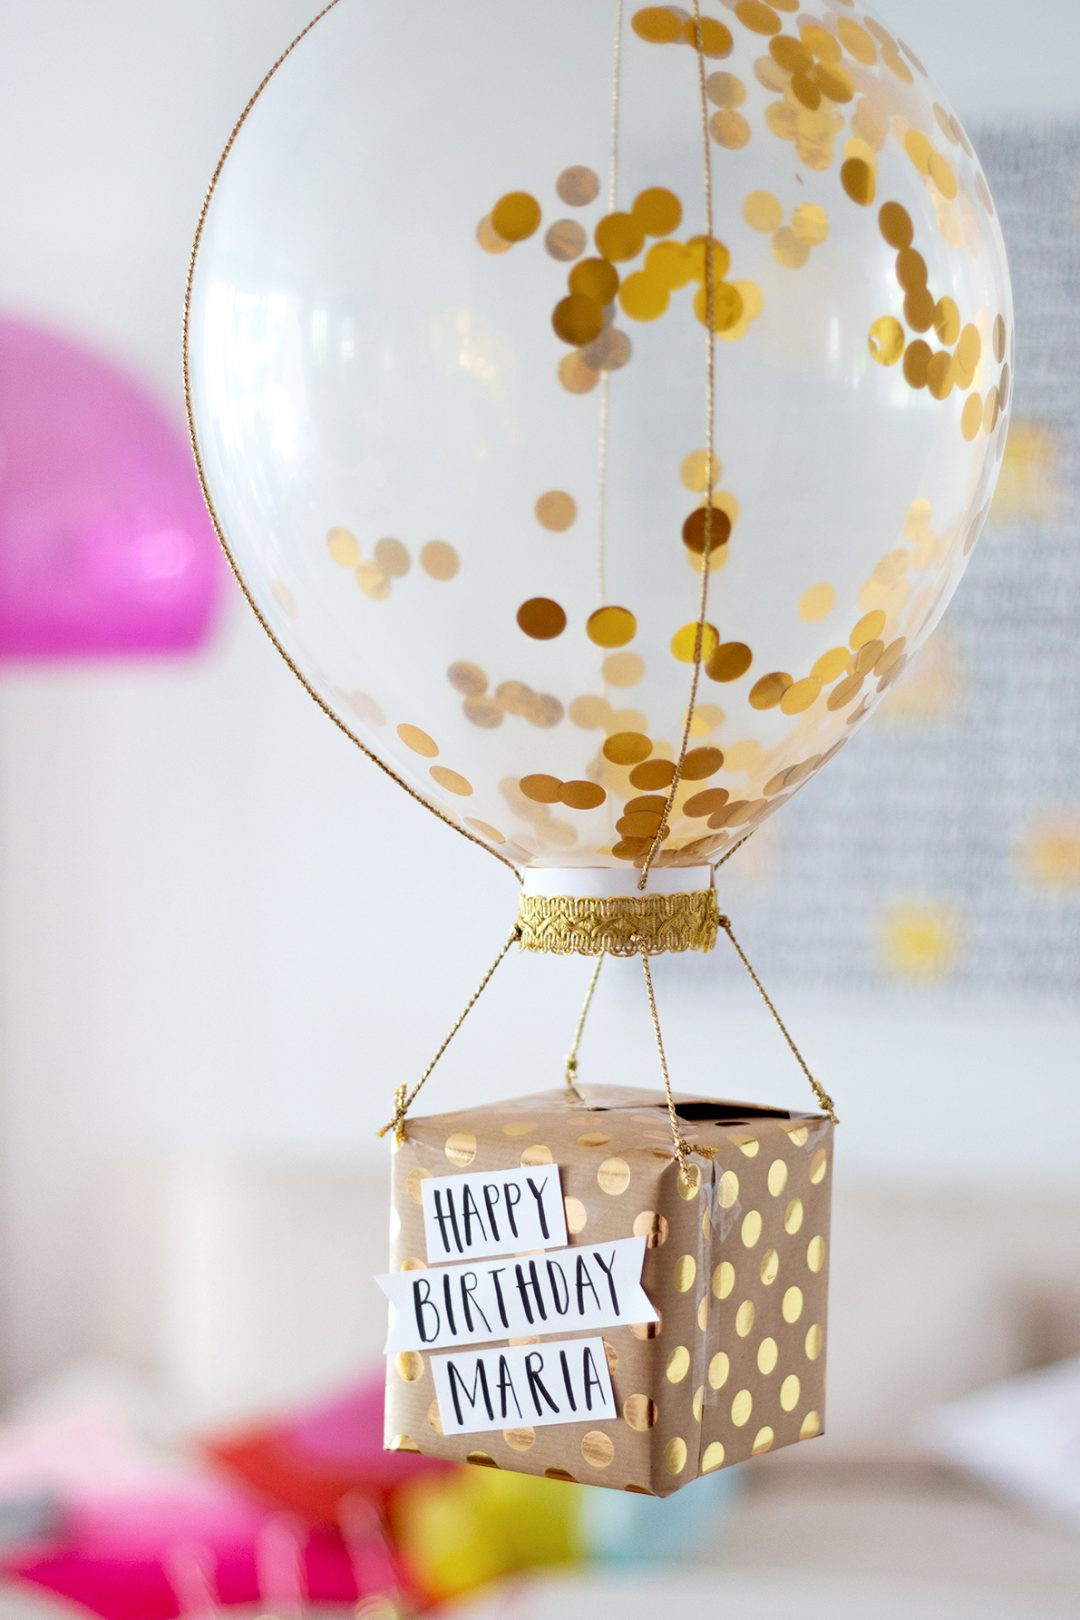 Geschenke Zum Geburtstag Selber Machen  Geburtstagsgeschenke selber machen Drei DIY Ideen •